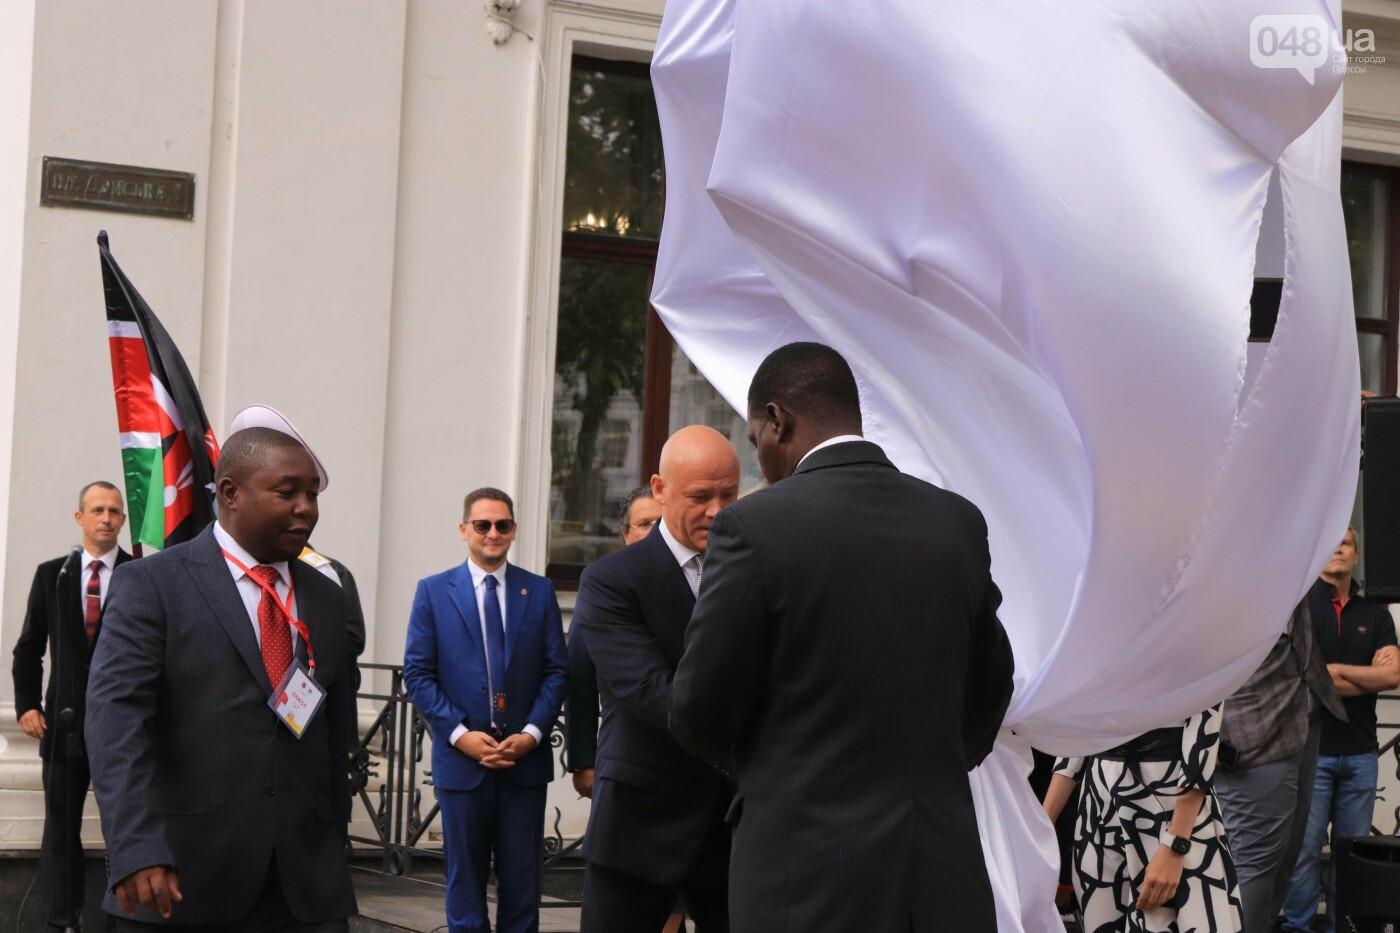 Труханов и делегация из Кении: в центре Одессы торжественно открыли табличку города Момбаса, - ФОТО, фото-7